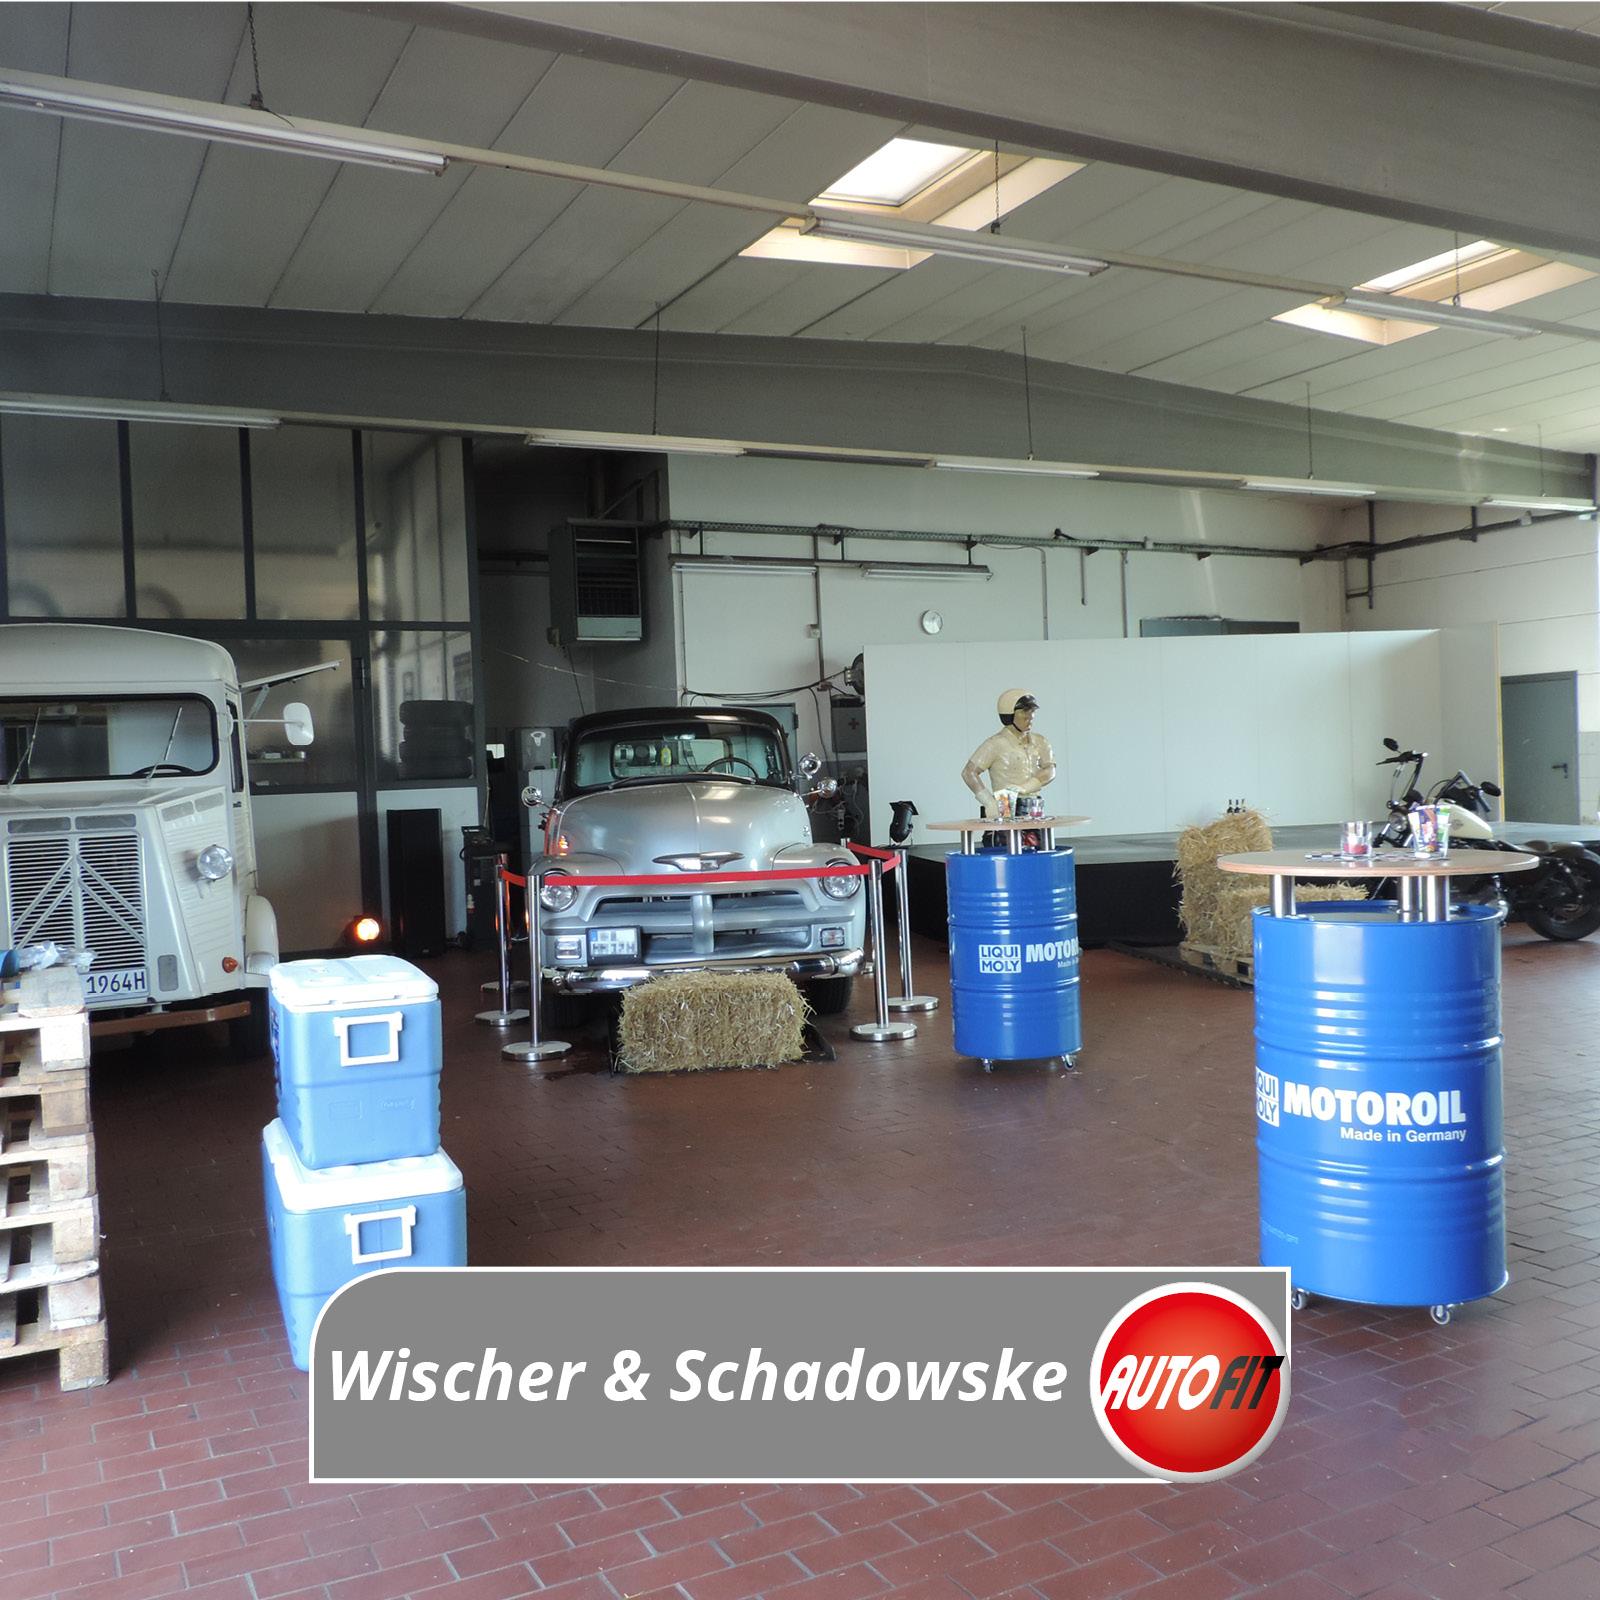 Wischer & Schadowske